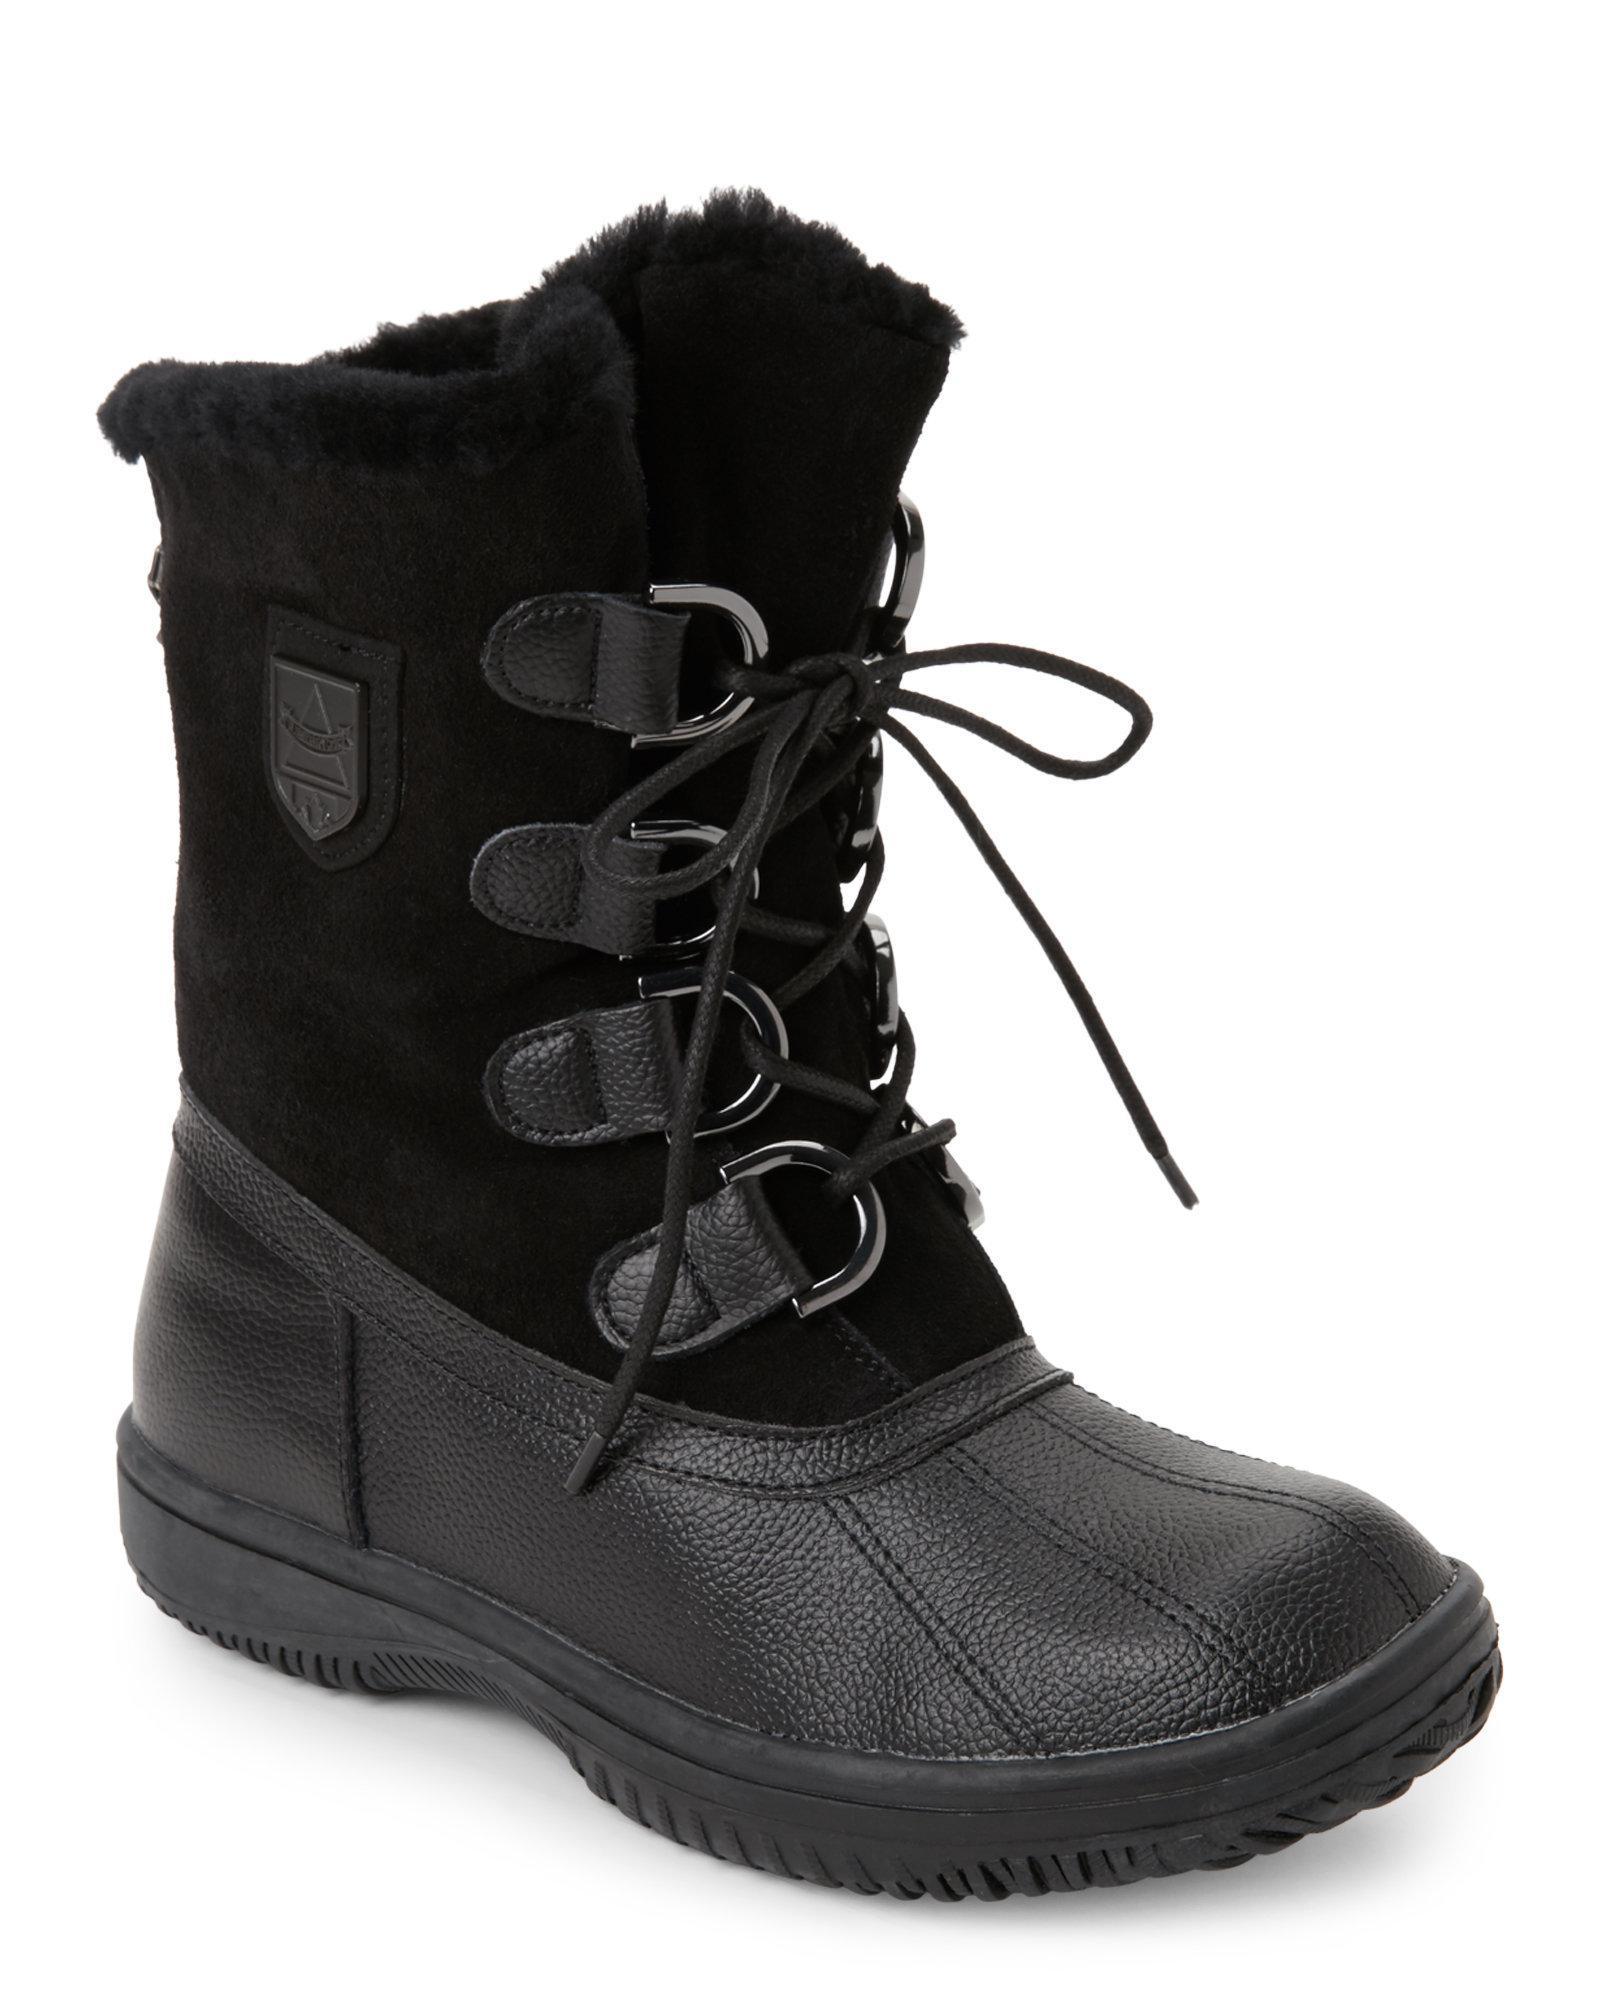 Atelier Noir Mens Shoes